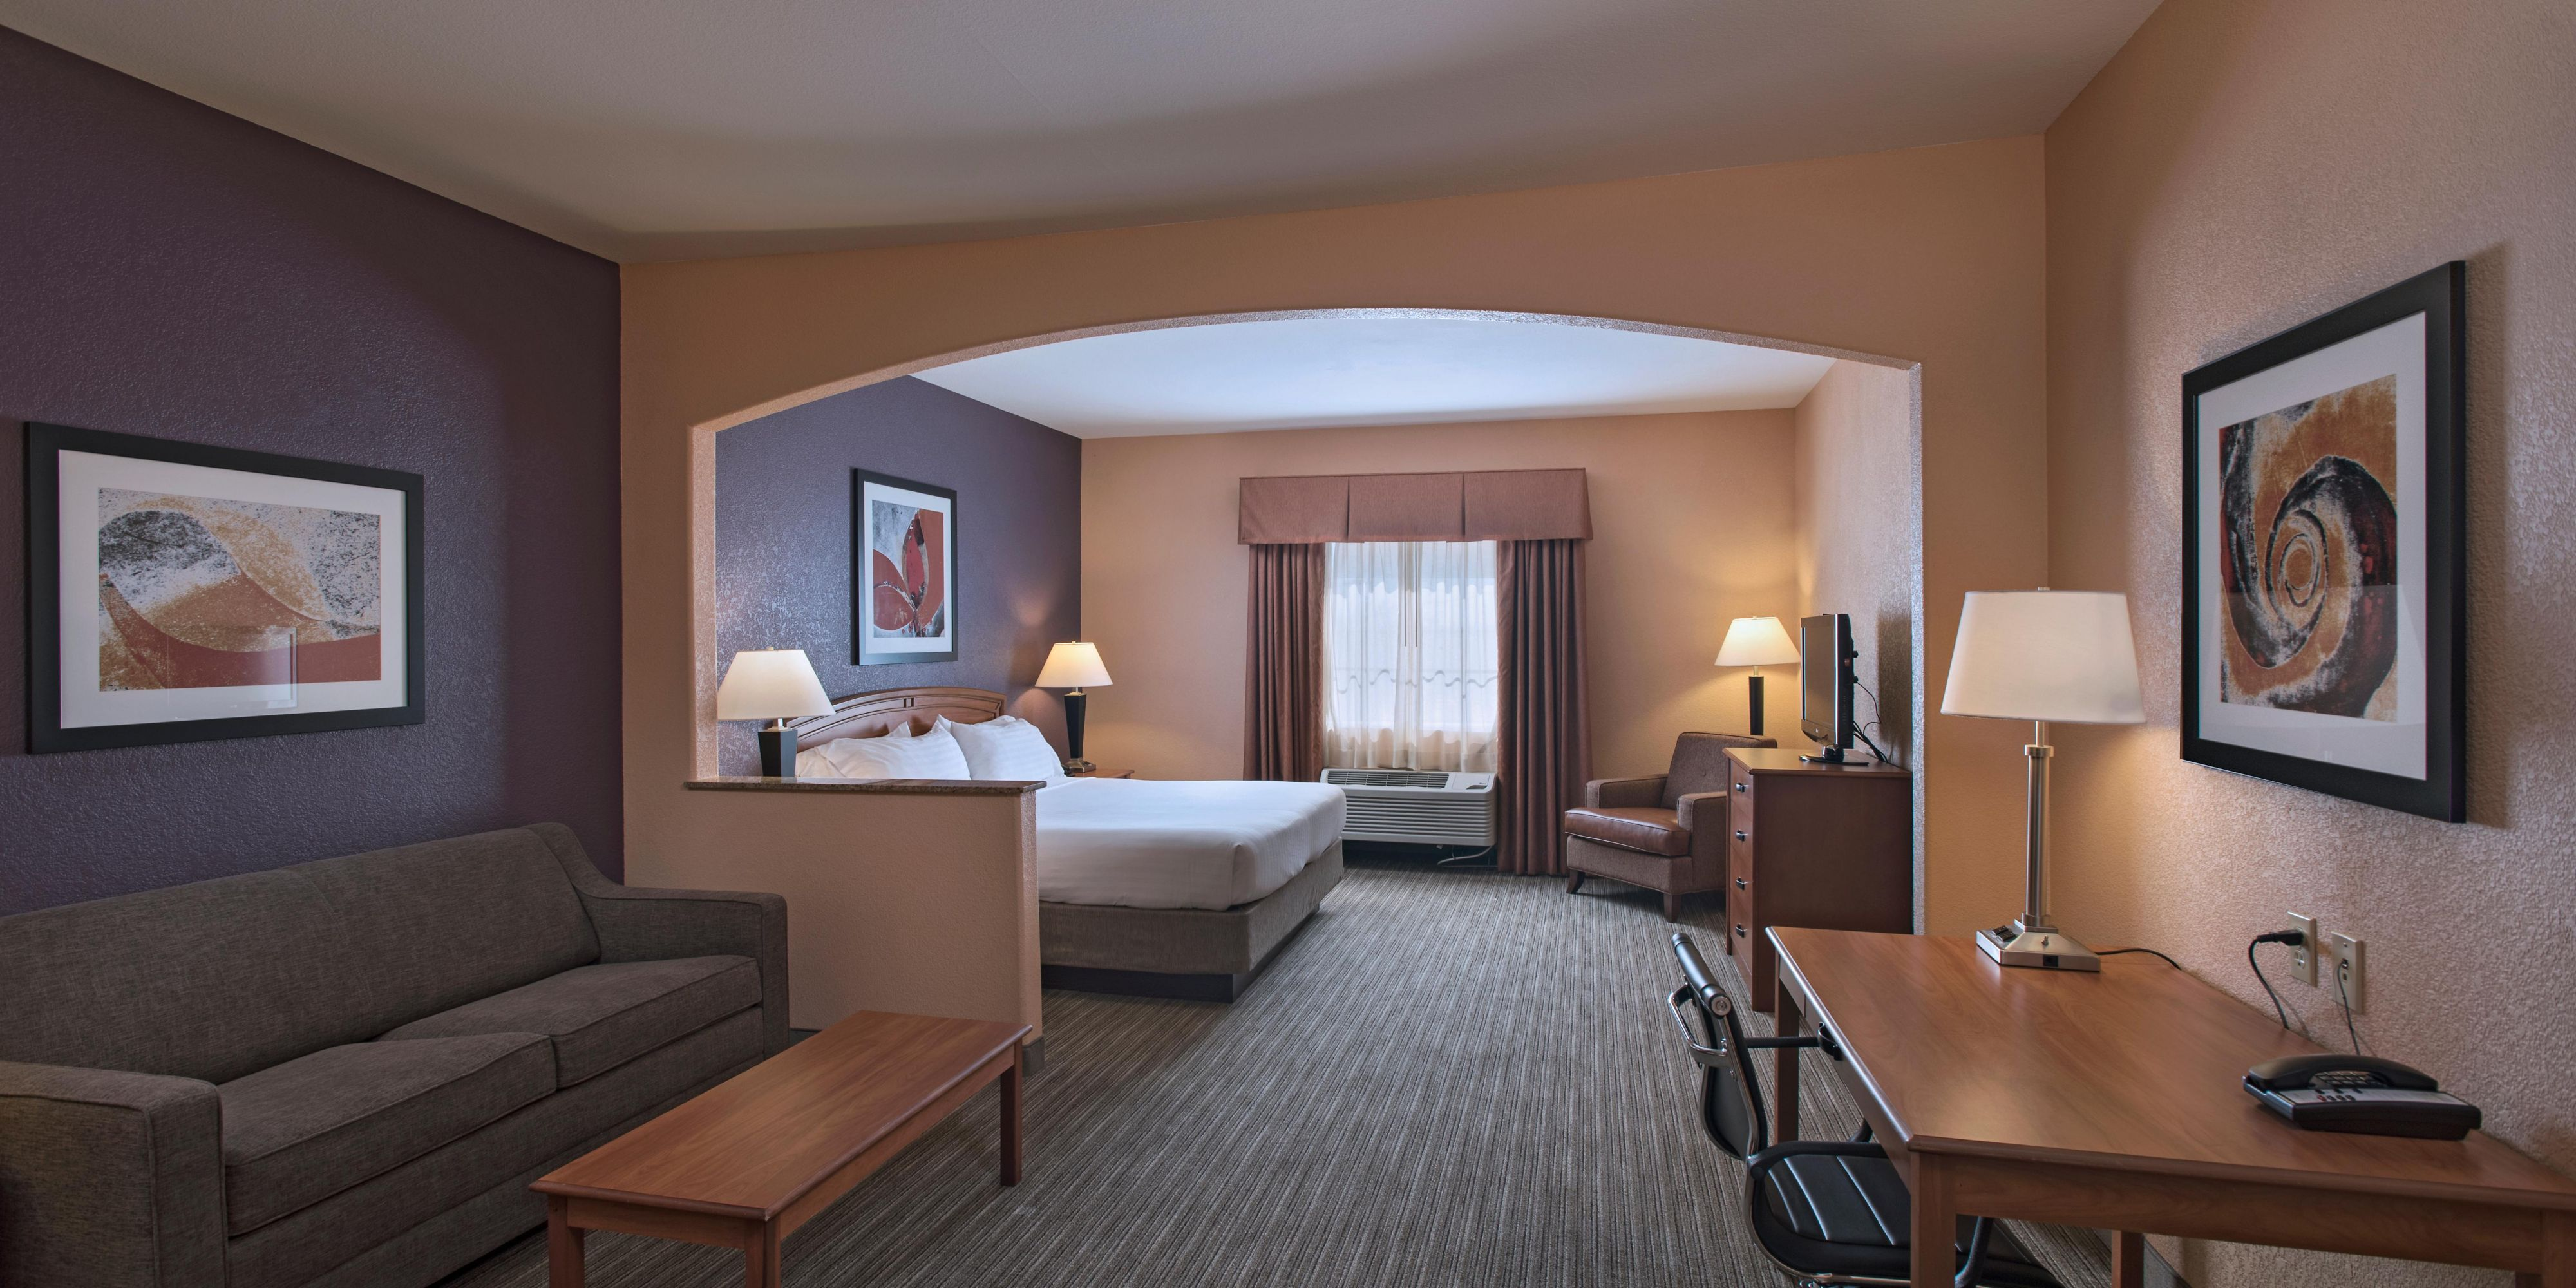 Holiday Inn Express U0026 Suites Cedar Park (Nw Austin) Hotel By IHG